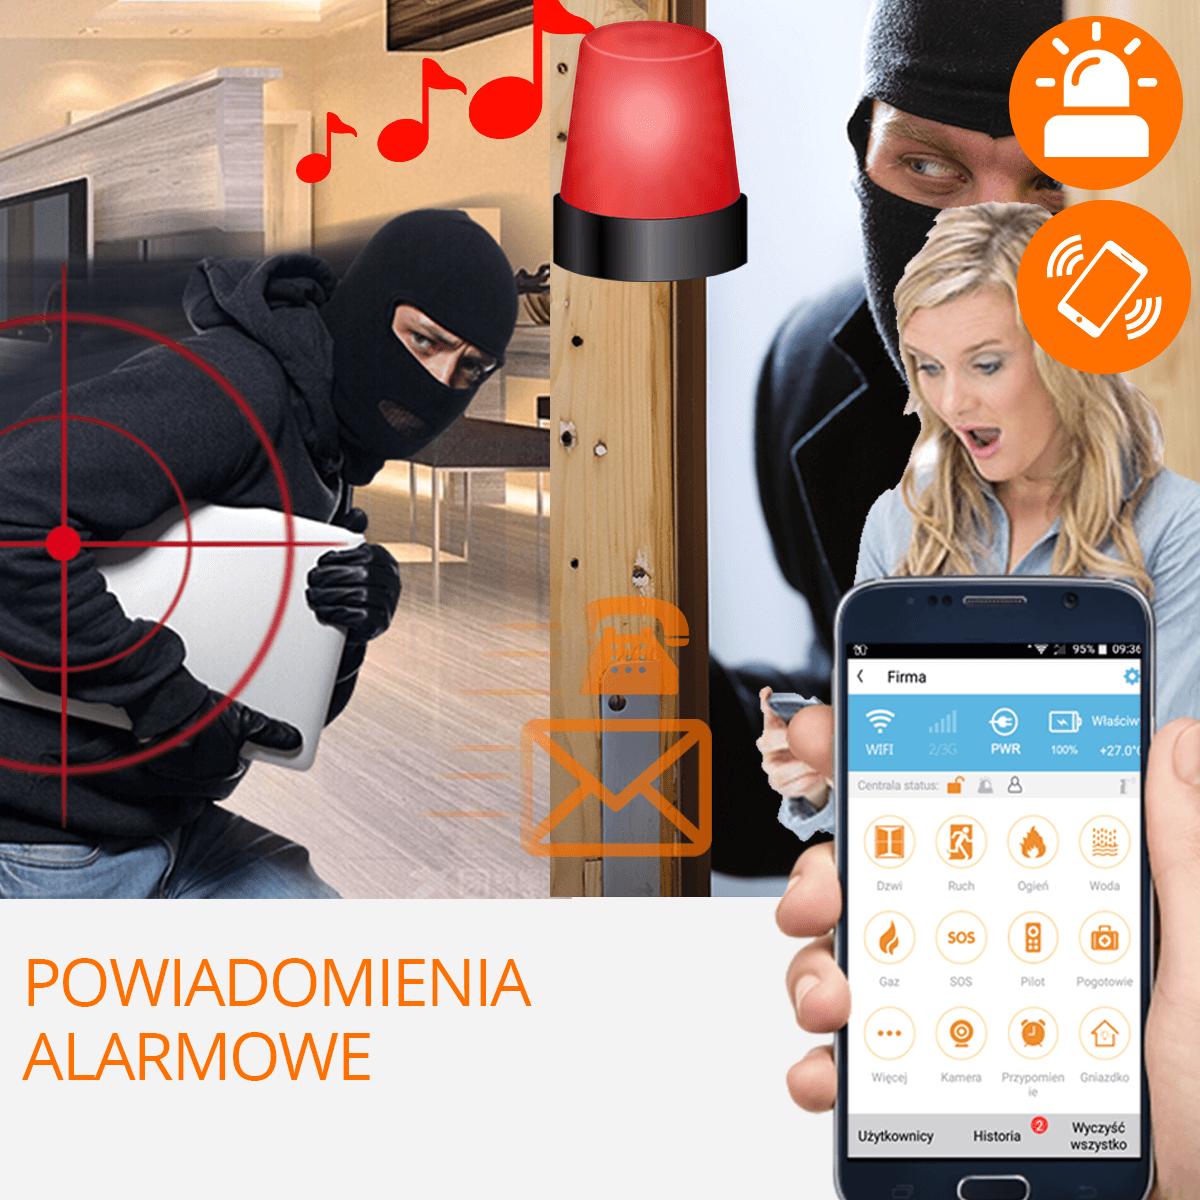 zestaw alarmowy do mieszkania zdalne sterowanie orllo.pl